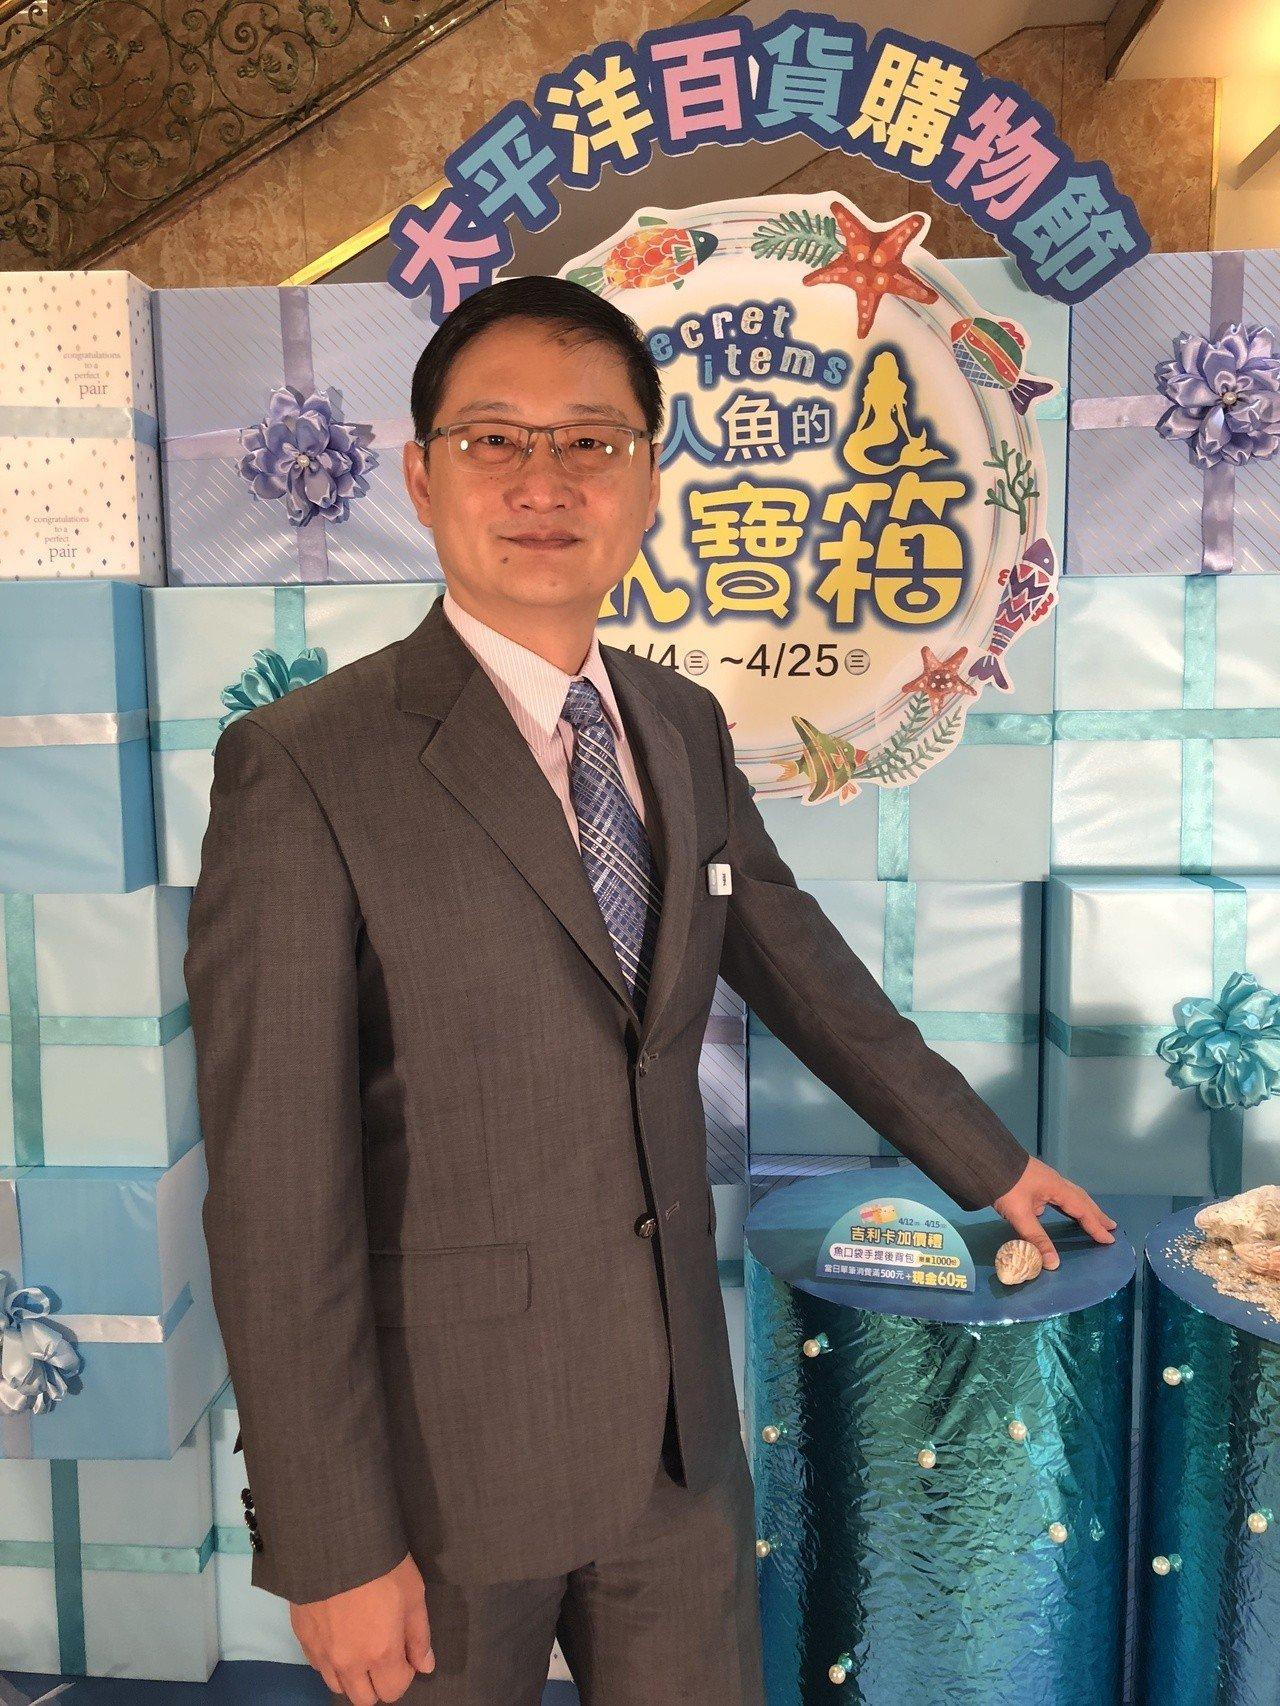 豐原太平洋百貨新任總經理張再春到任,宣布今年購物節以「美人魚的藏寶箱」為主題,將...